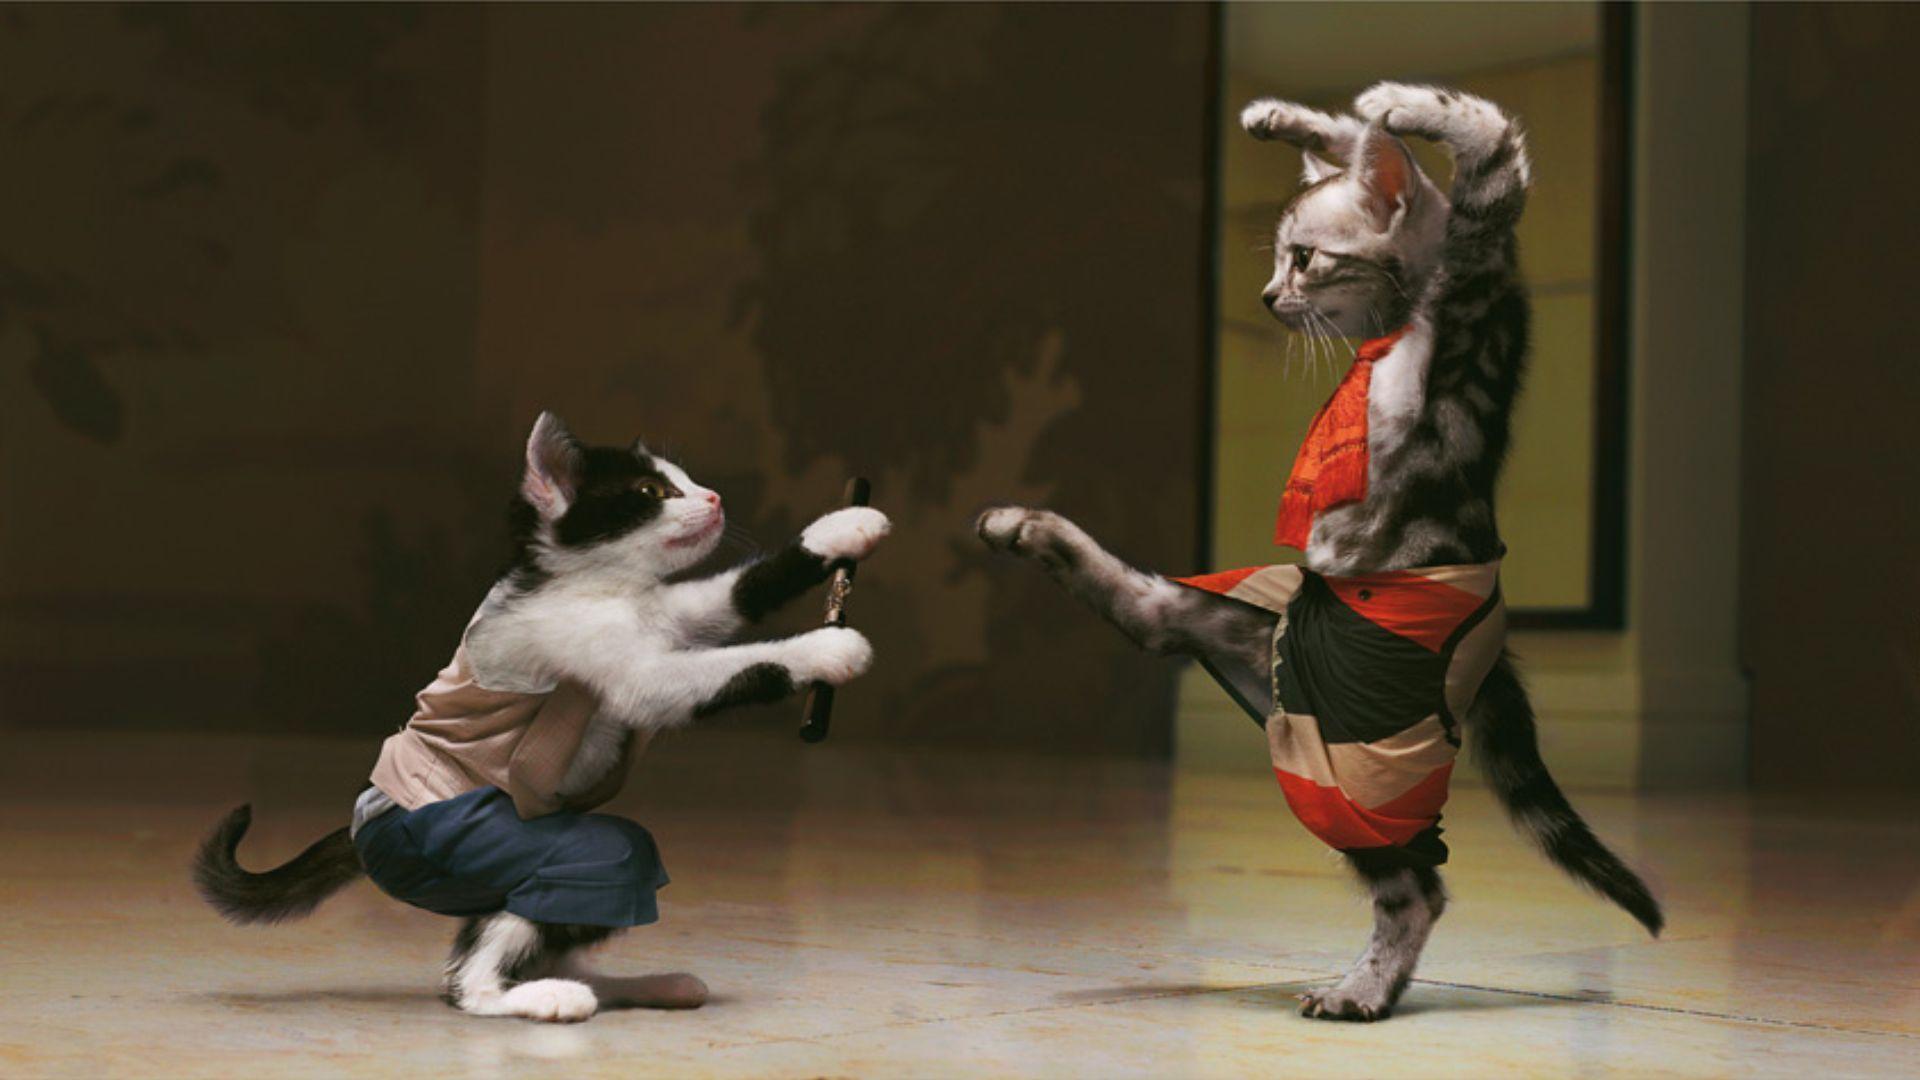 22 martial arts hd - photo #9